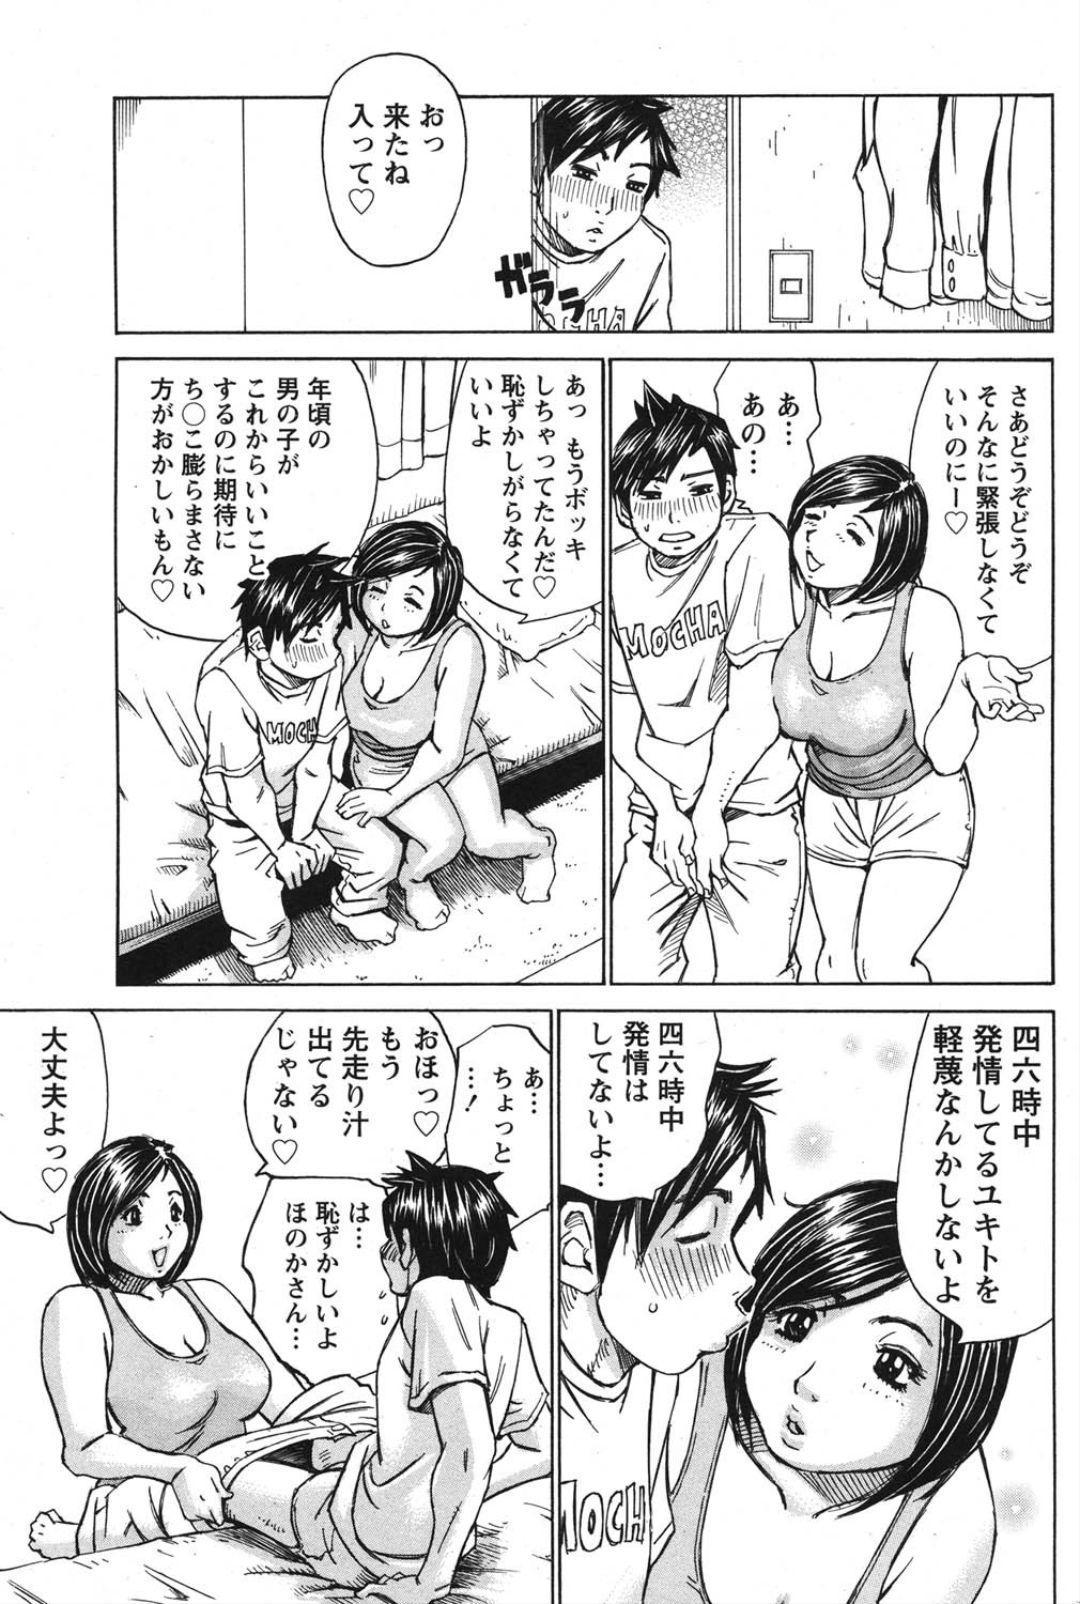 Nariyuki no Honoka-san 8